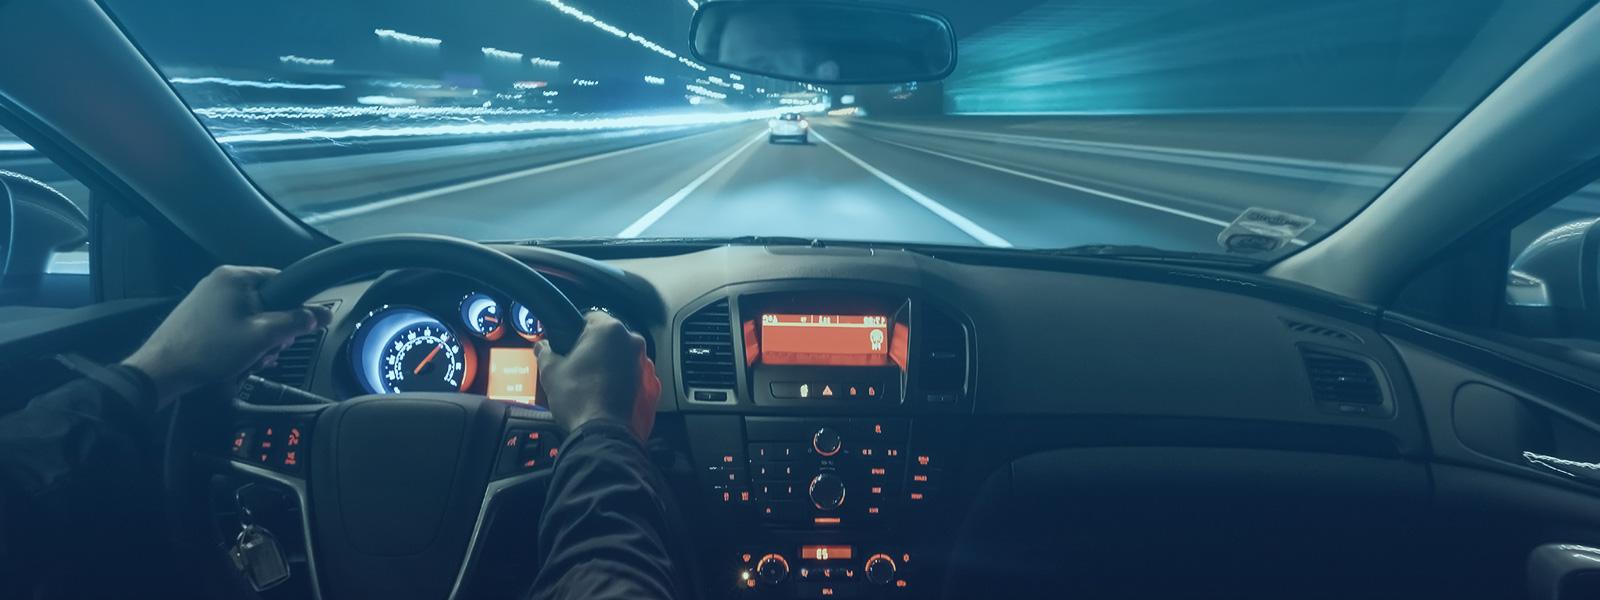 cuidados-pegar-estrada-noite-blog-ceabs